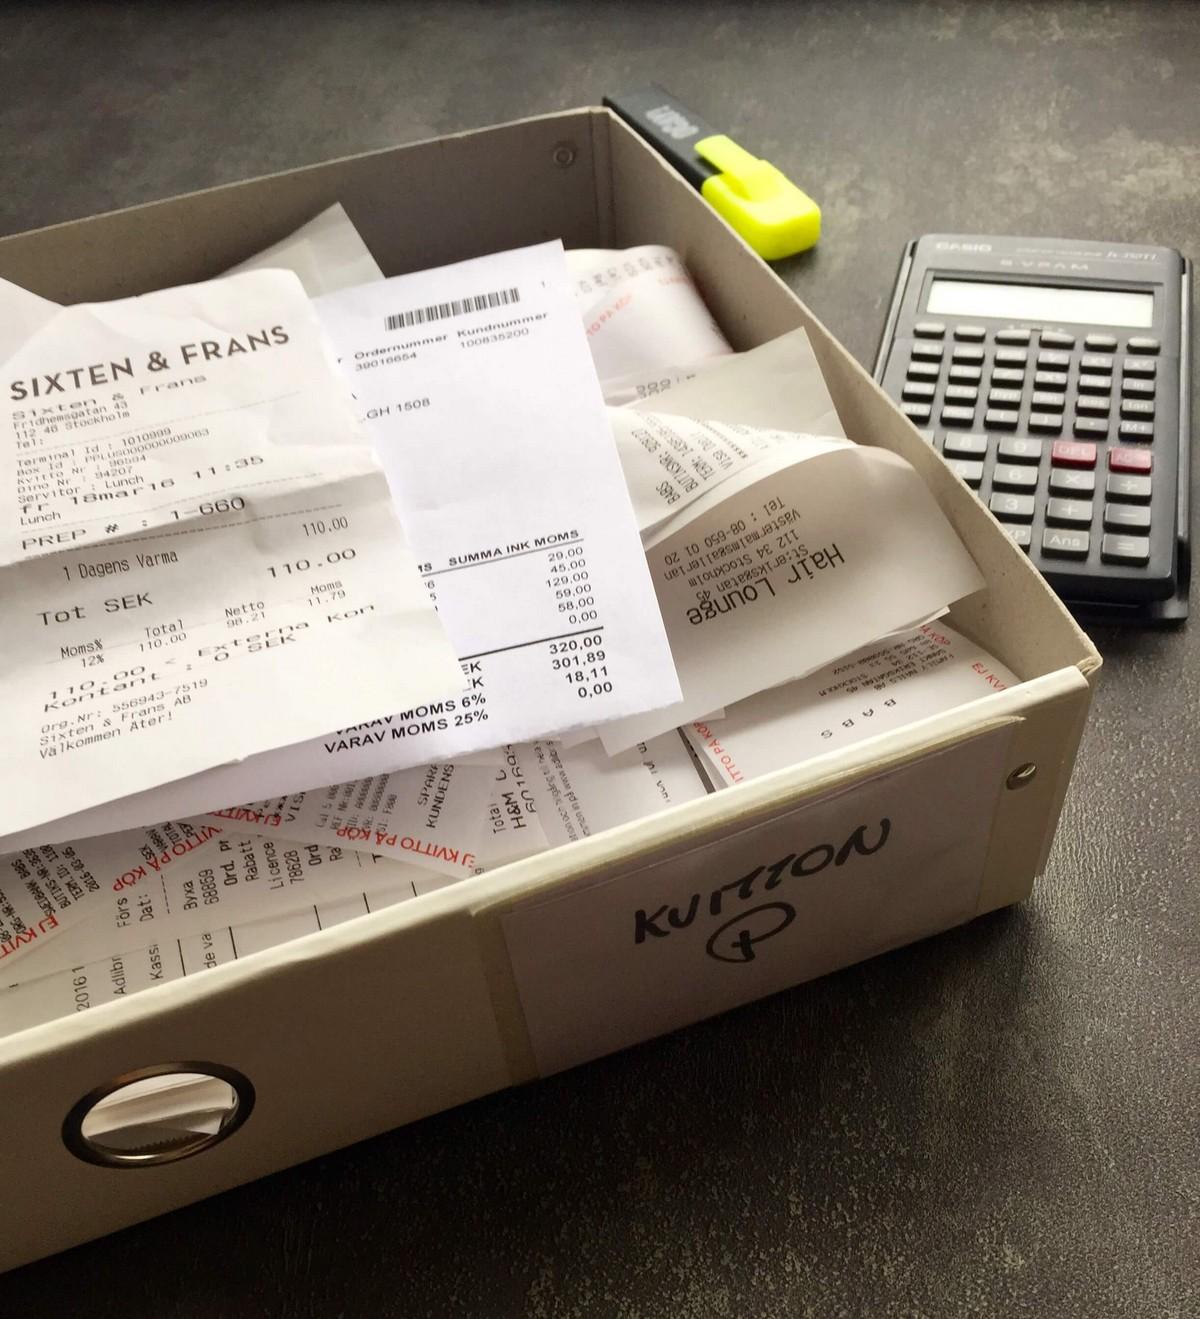 Låda för kvitton